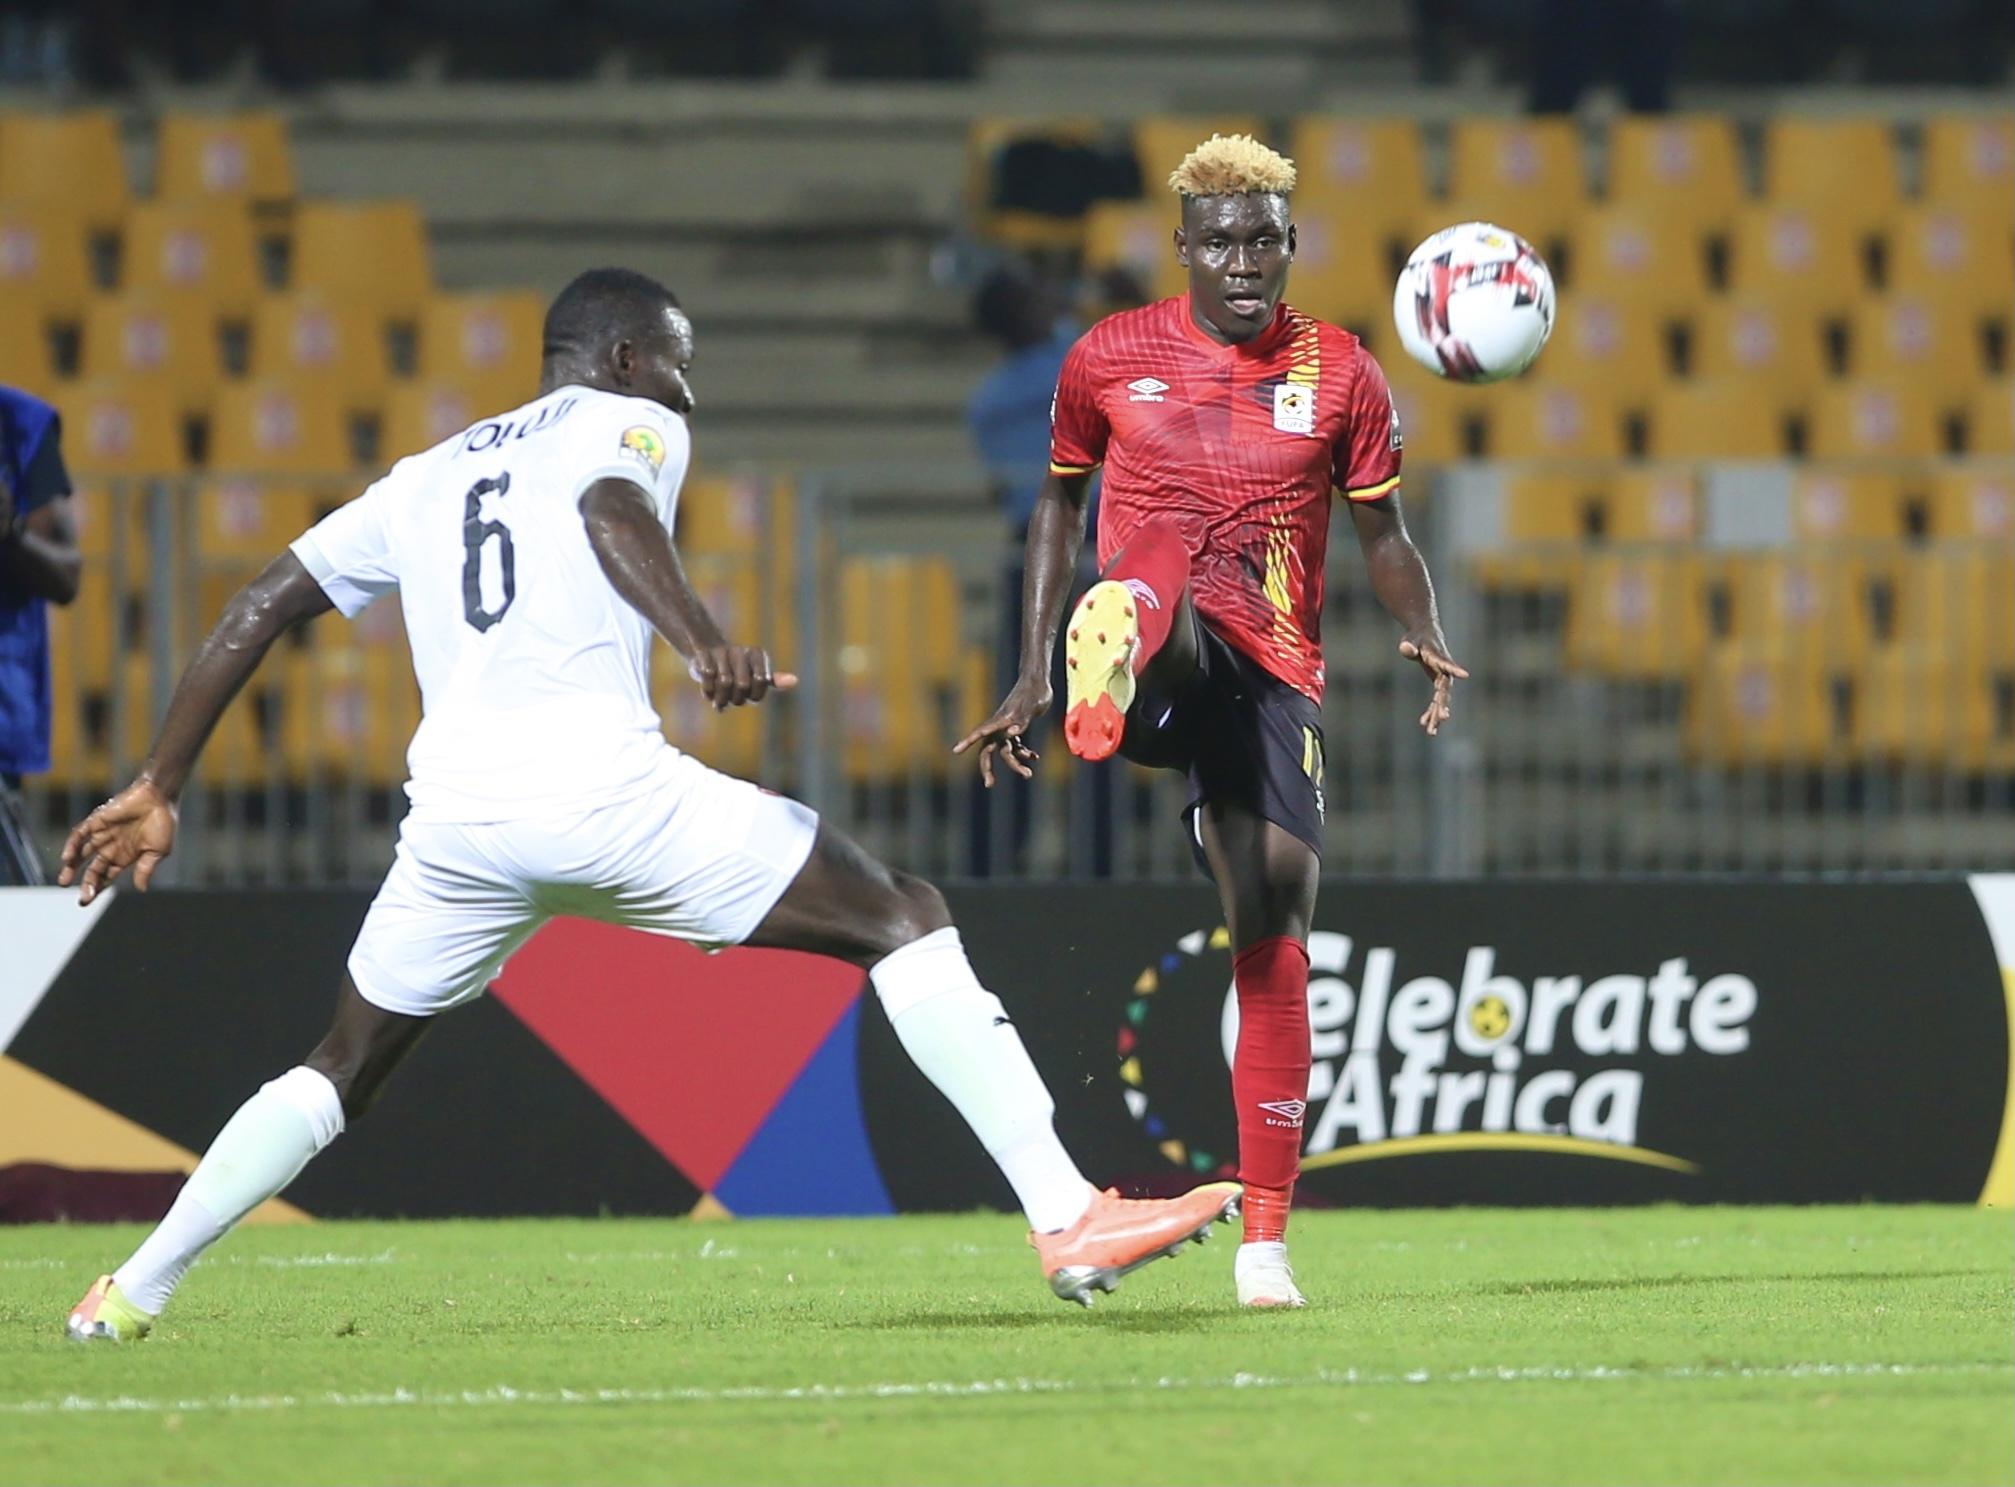 مباراة توجو أنجولا في أمم أفريقيا للمحليين